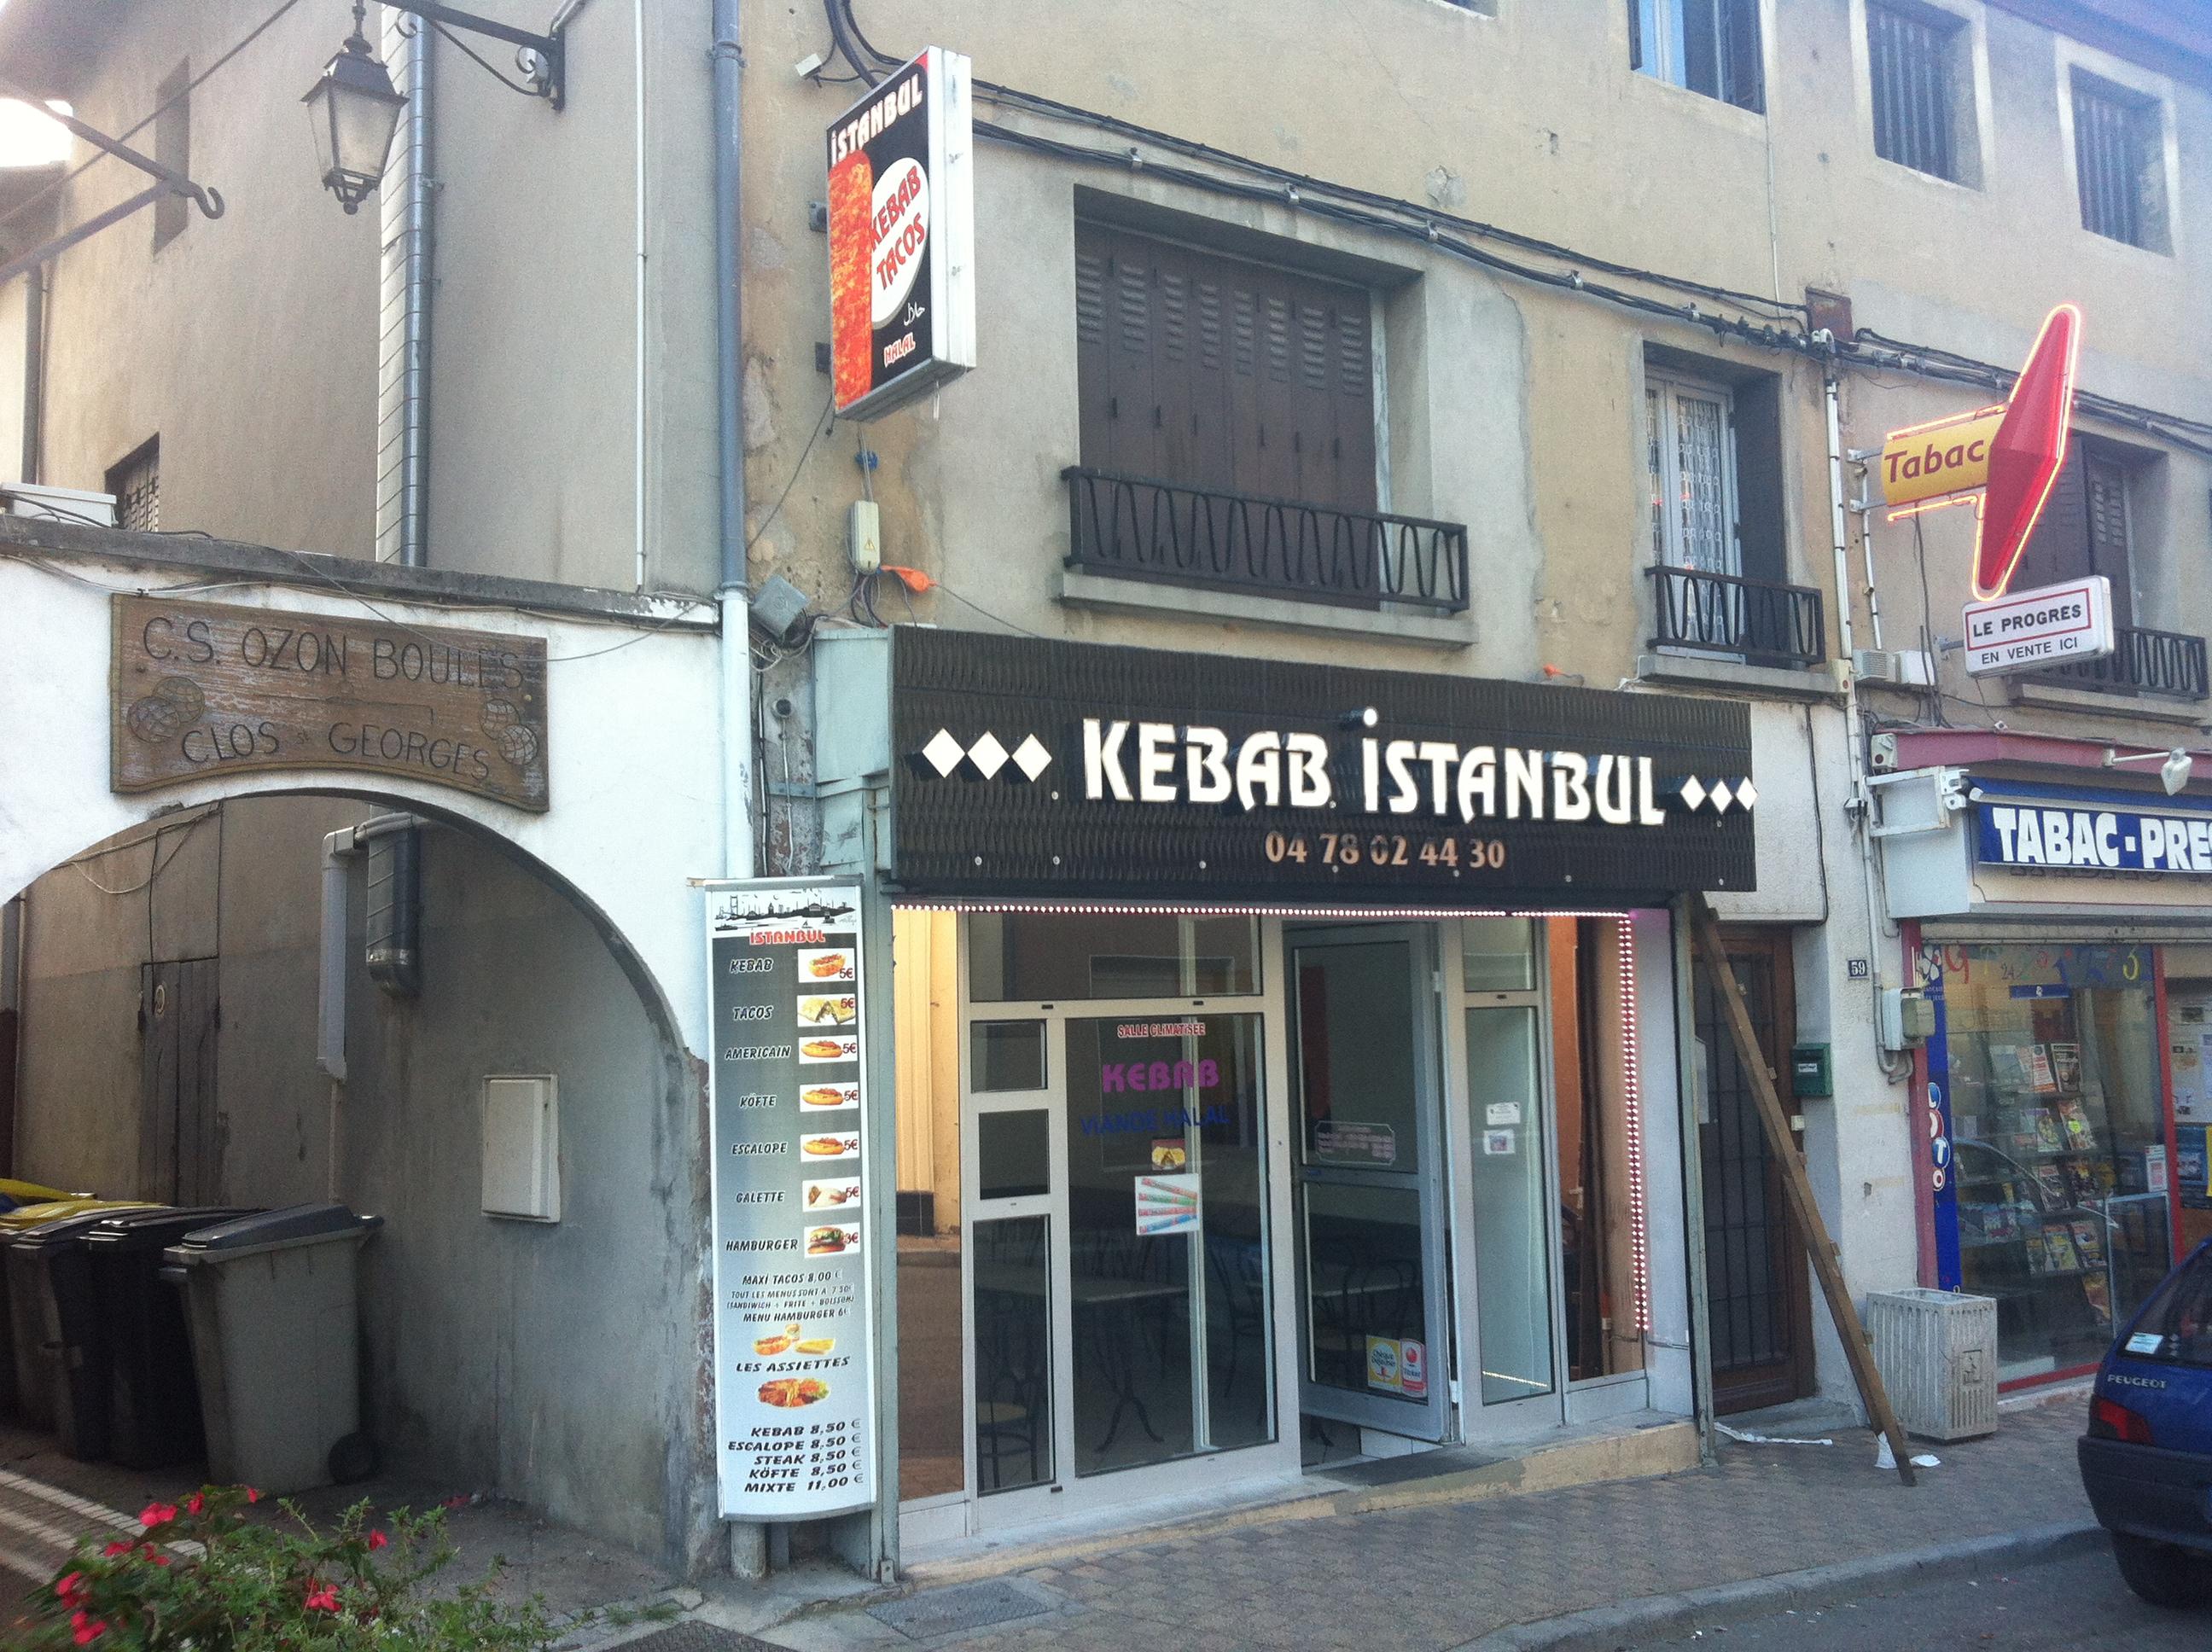 Meilleurs kebabs de condrieu - Cuisine centrale venissieux ...